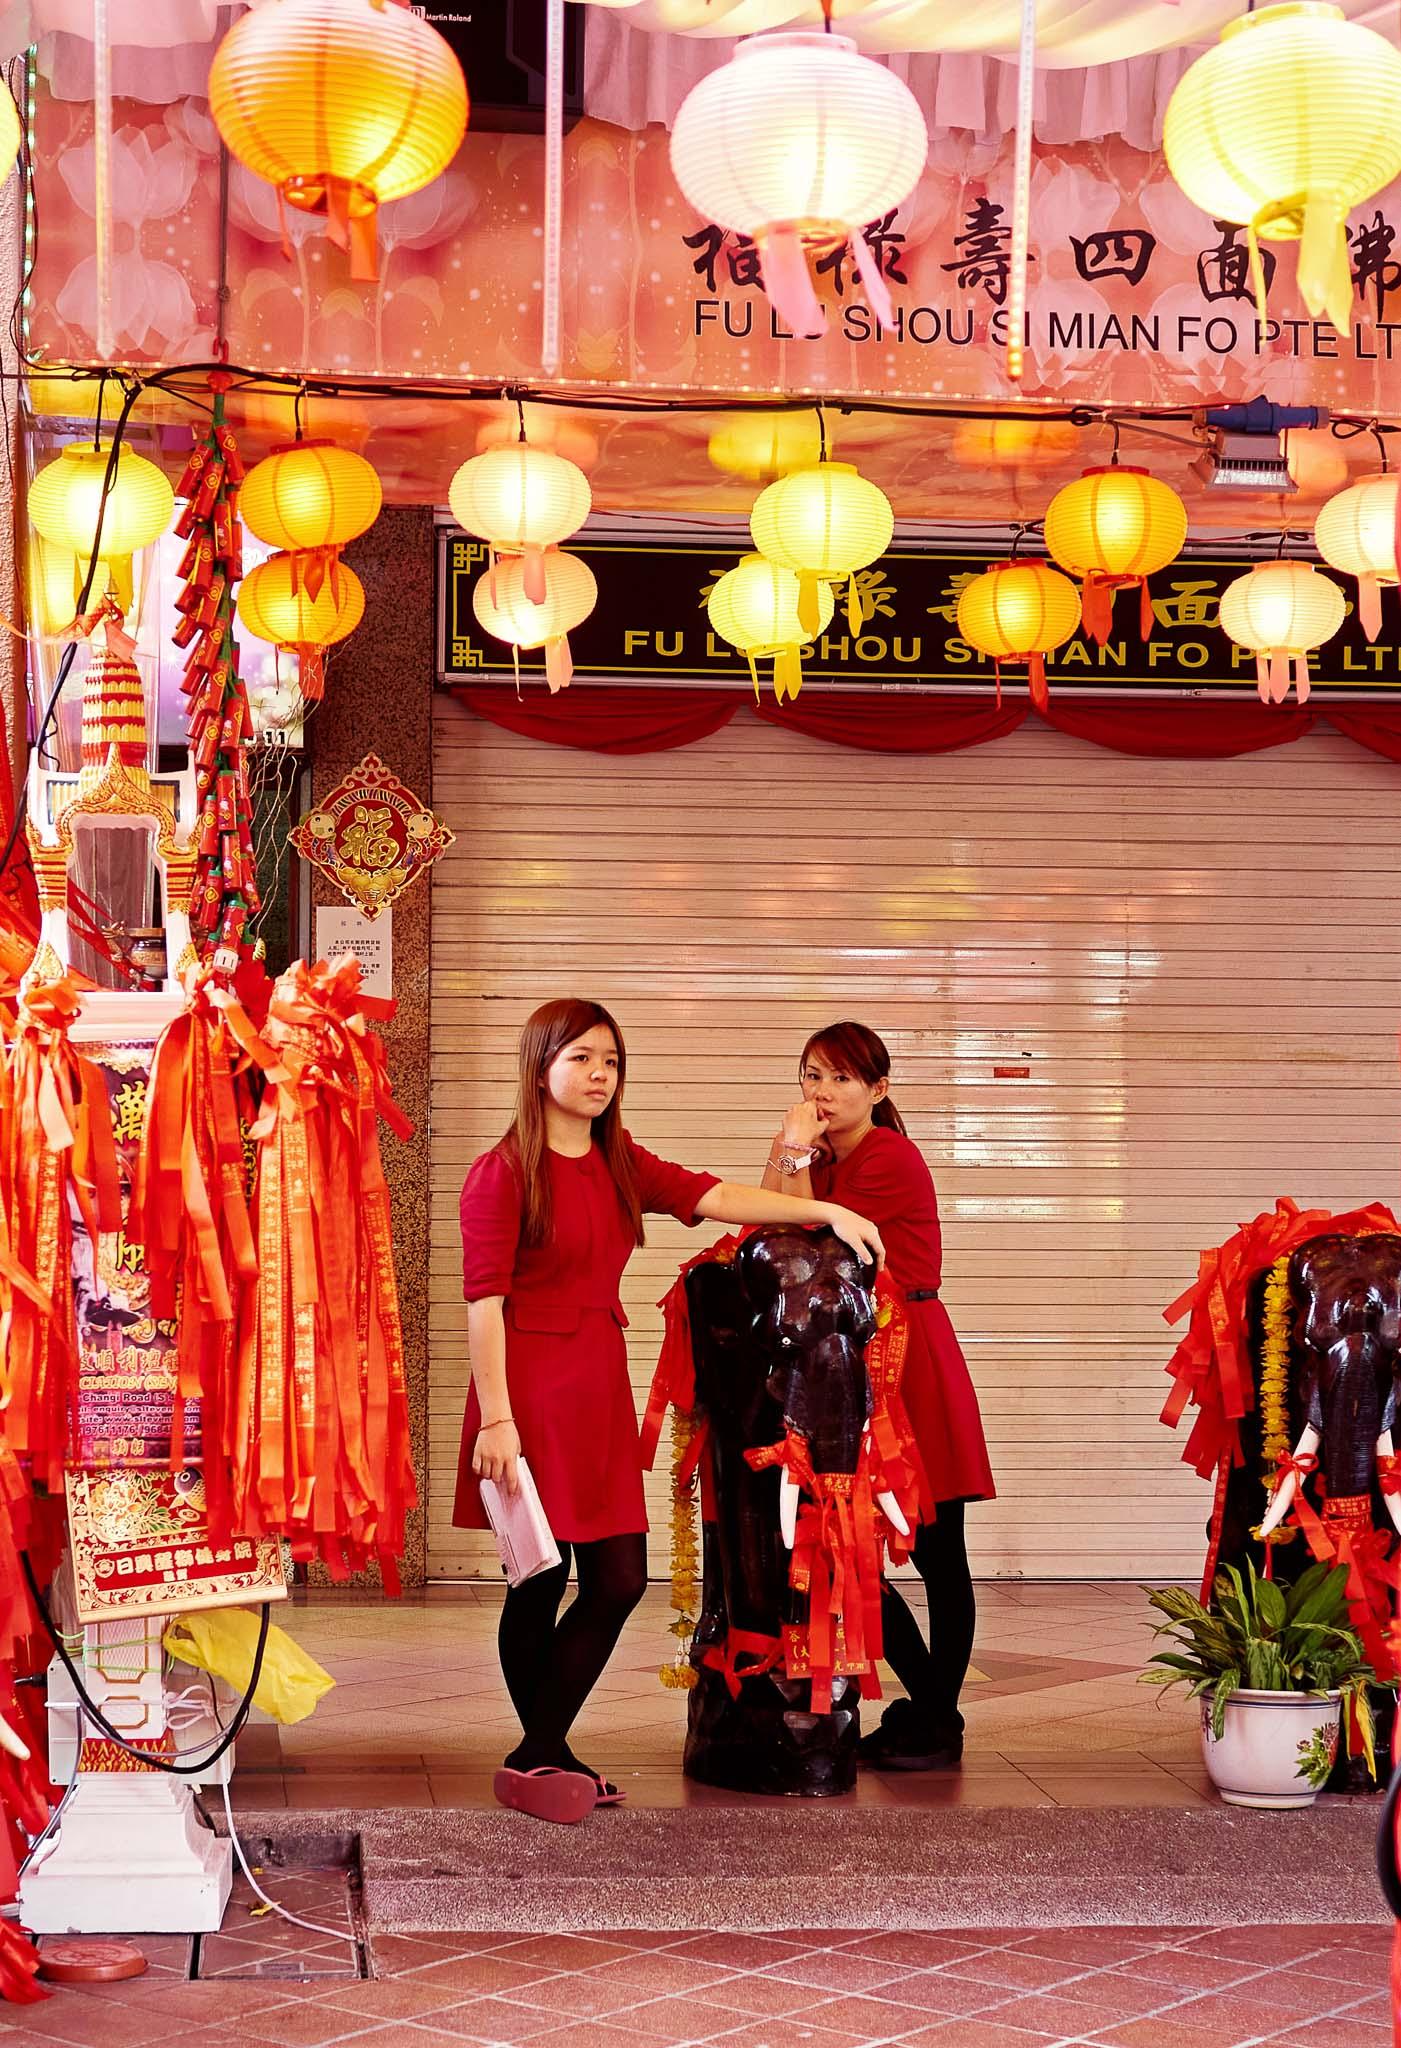 Two sales women amidst the lantern festival decorations, Bugis, Singapore